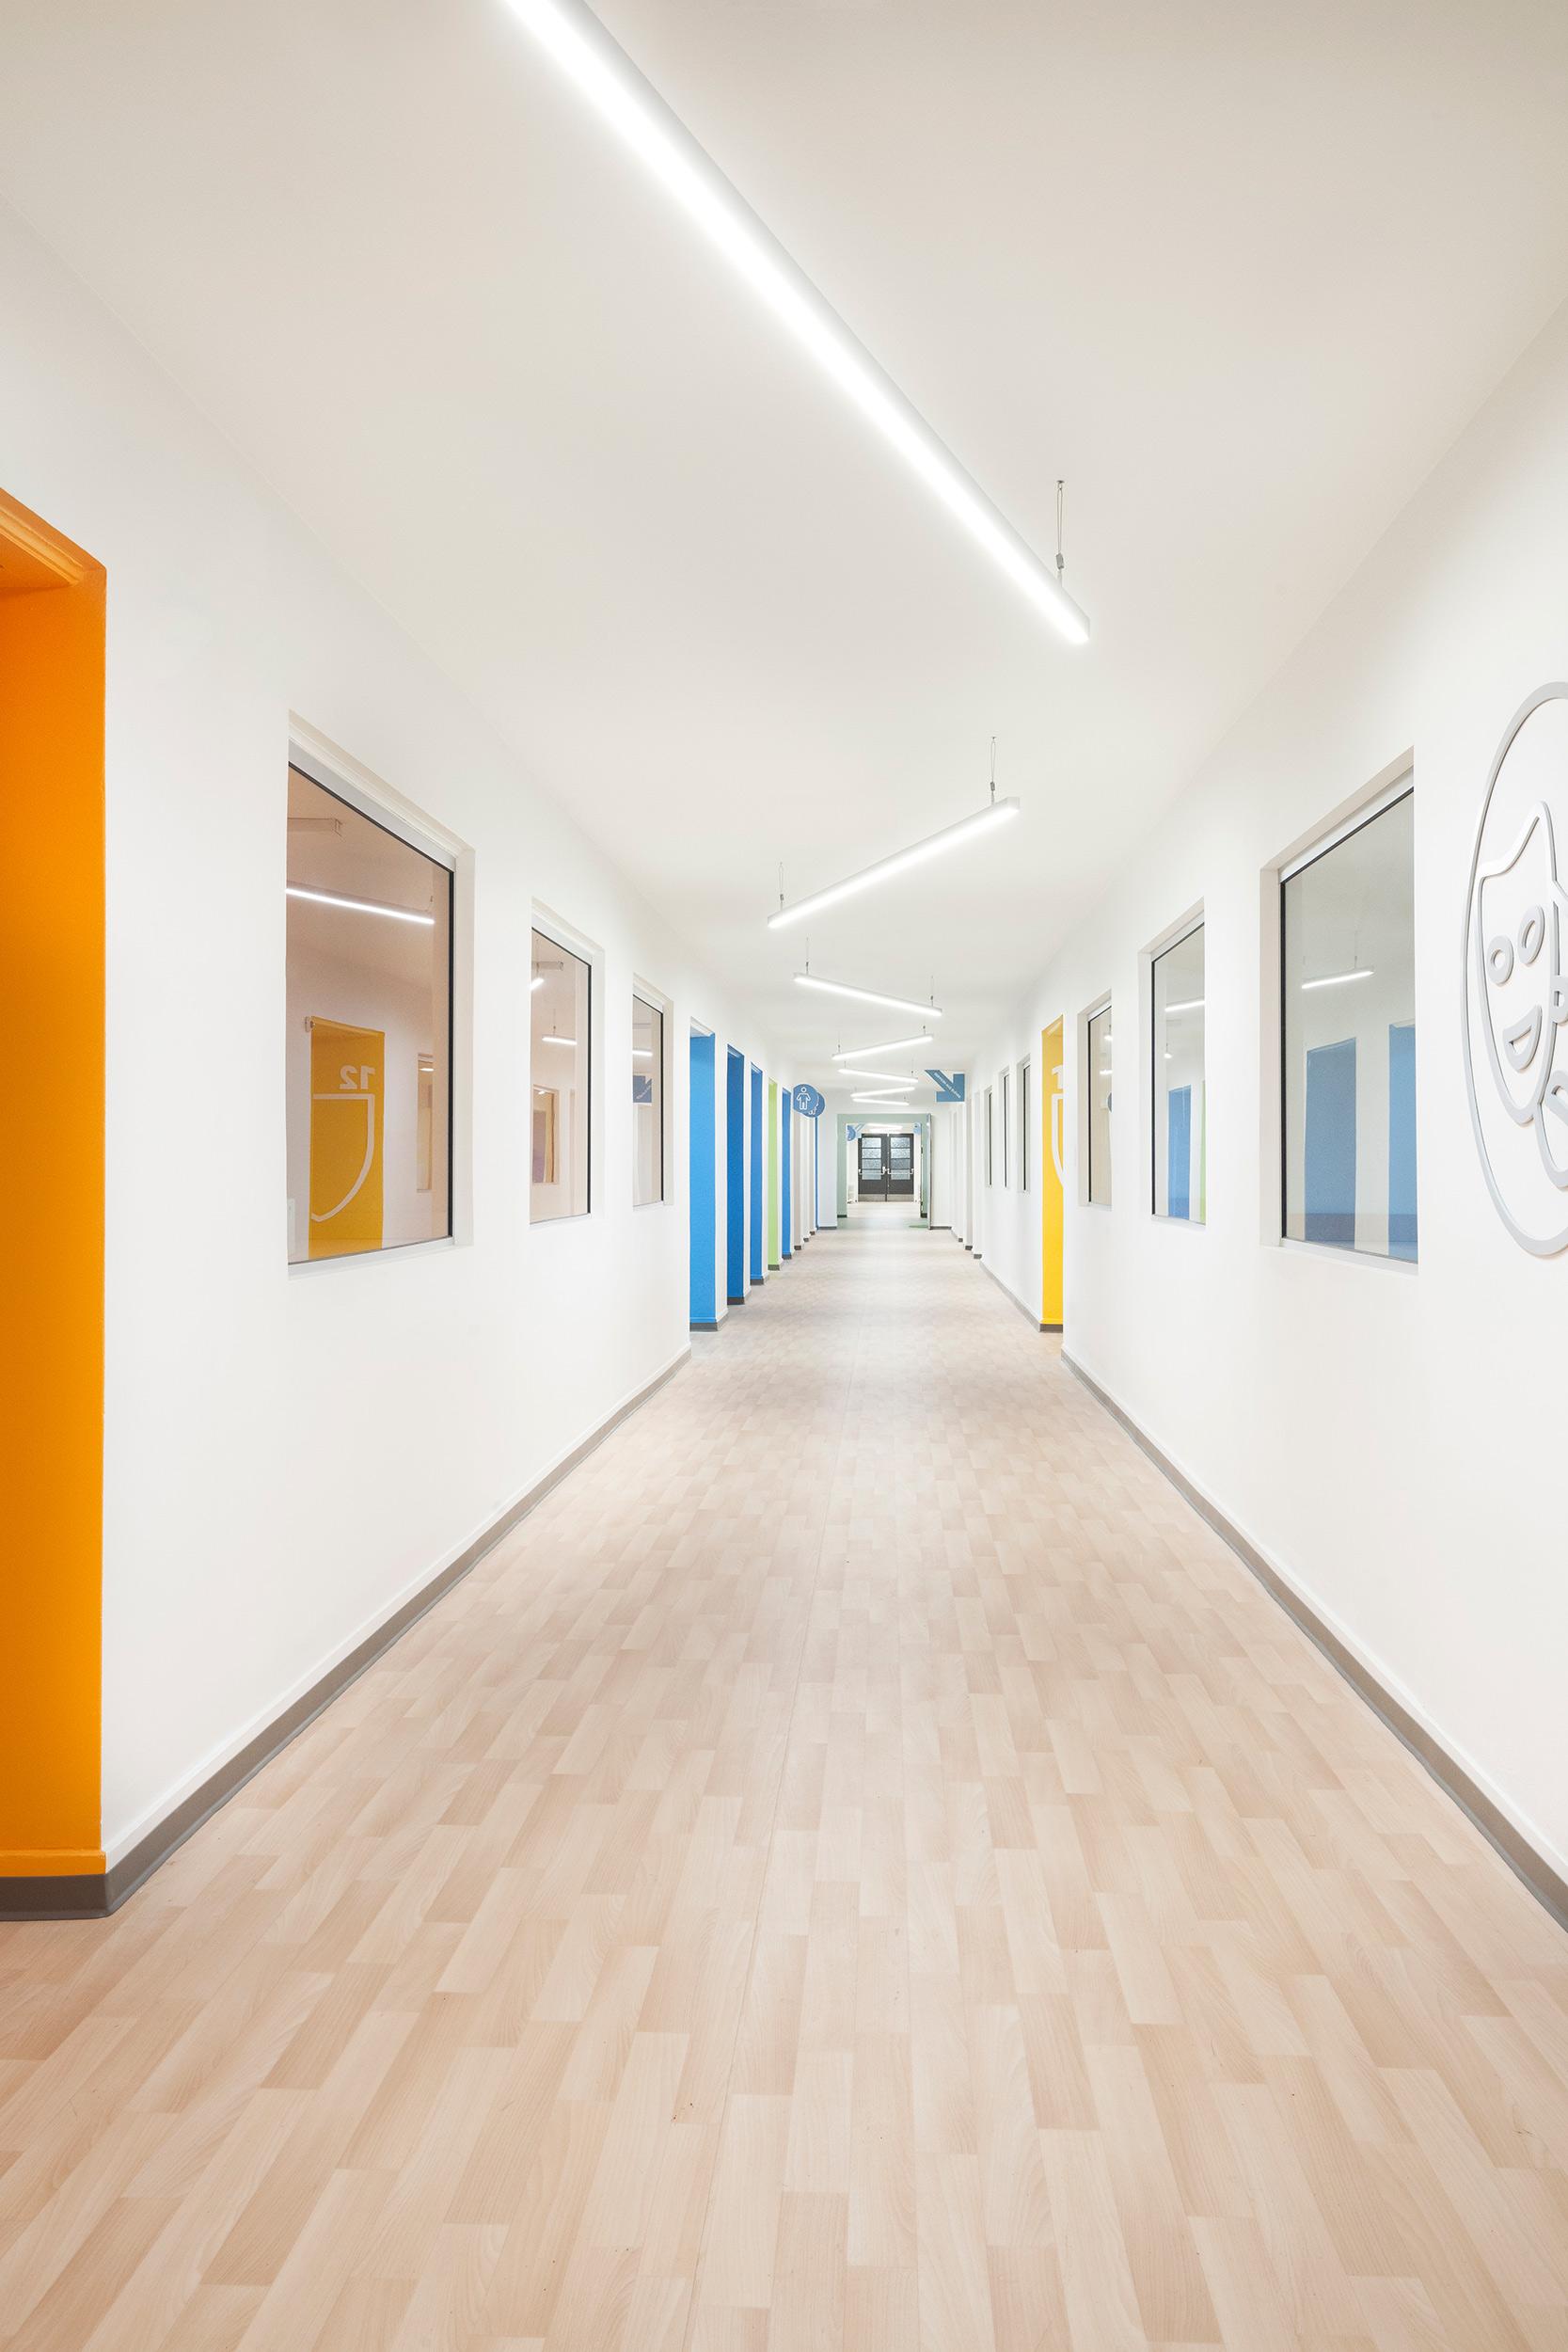 Marianne-Girard_Taktik_Academie-Sainte-Anne_corridor.jpg